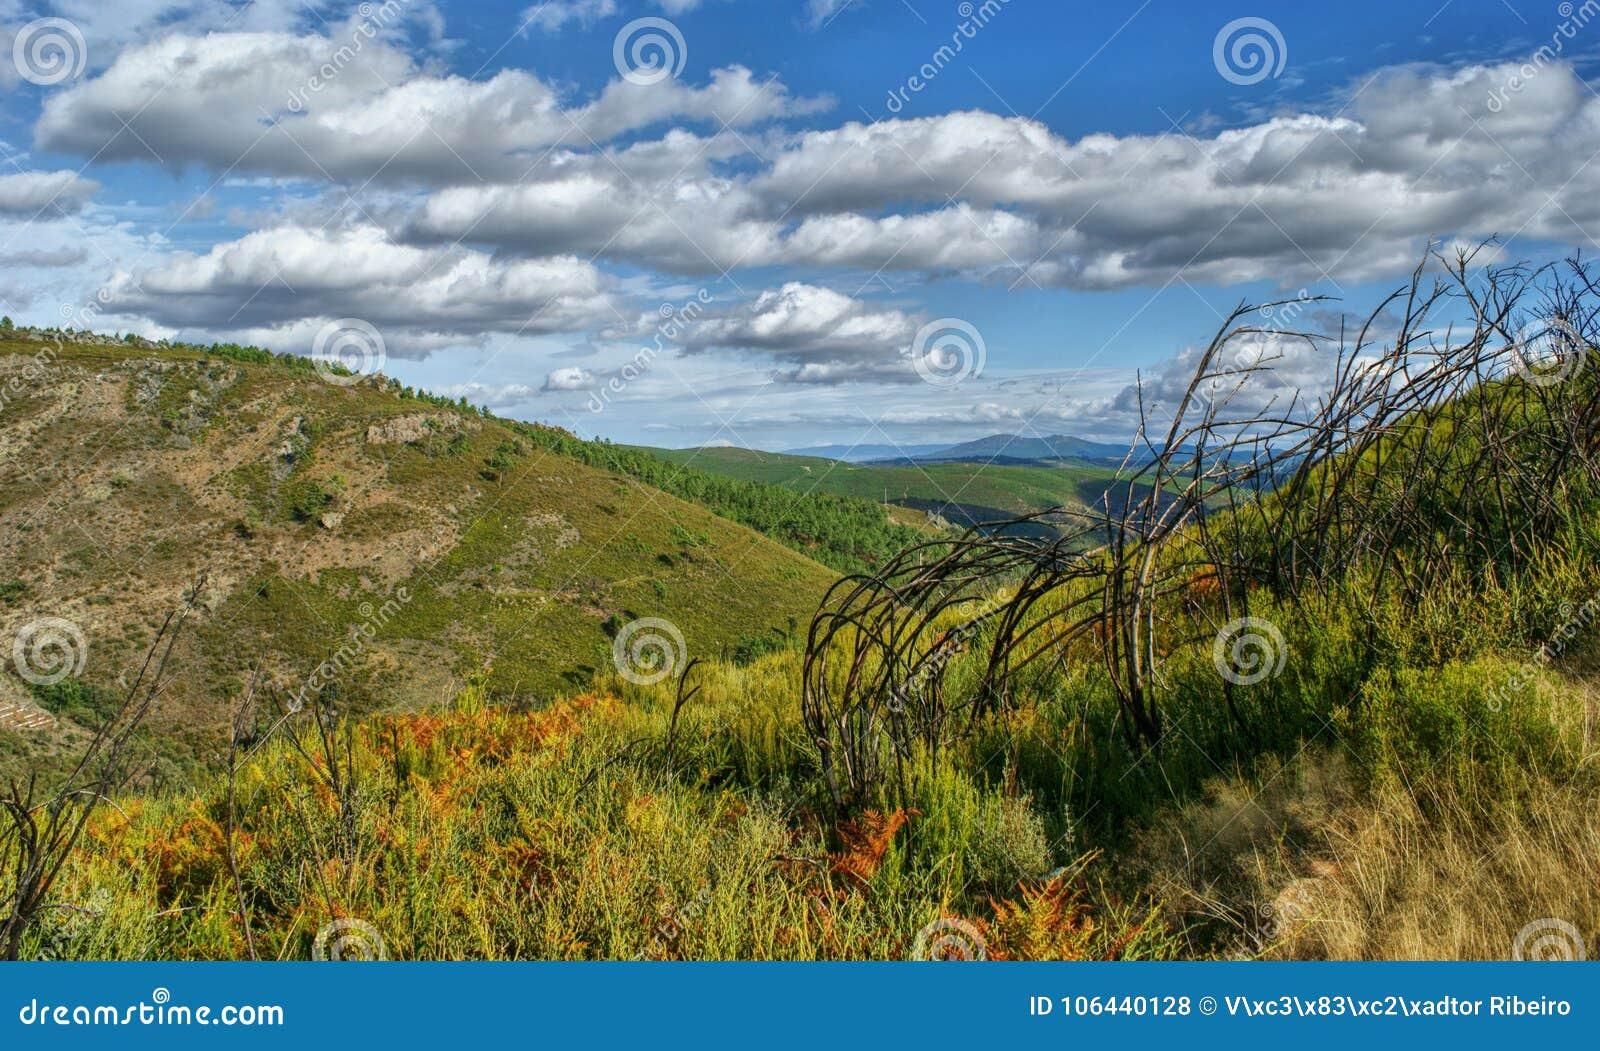 Scenic view of Tresminas